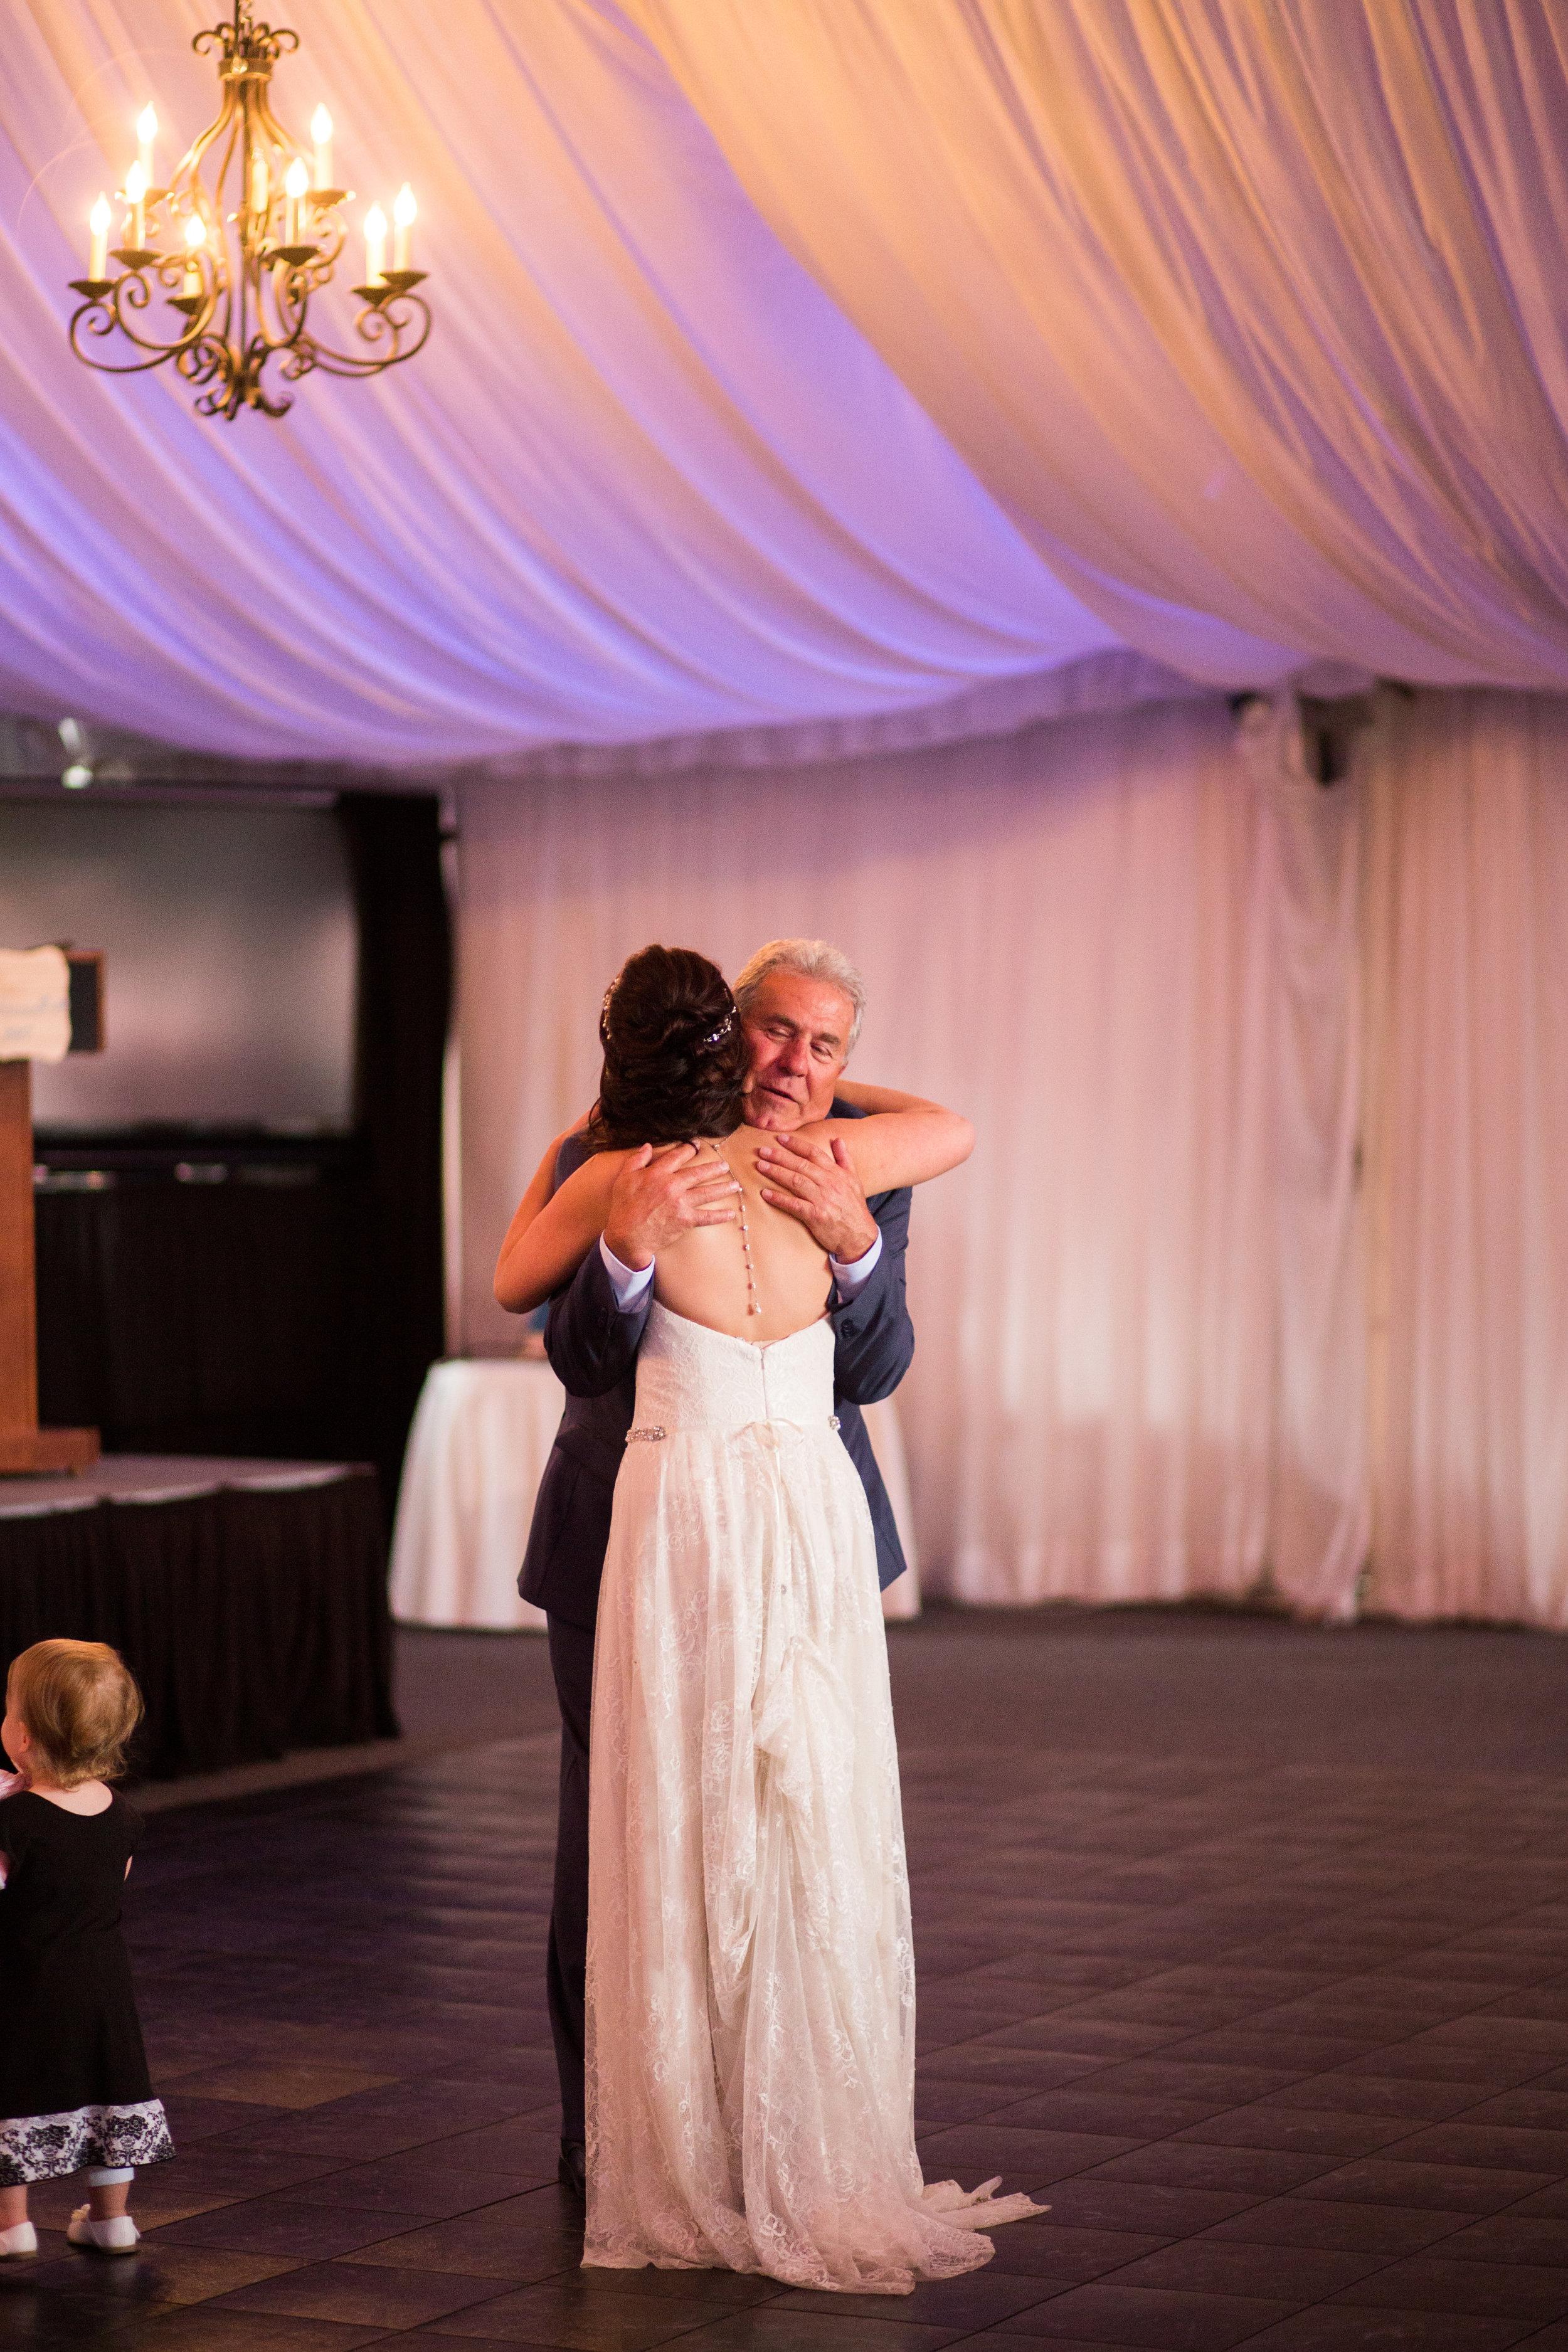 Jake and Rebecca 5 - First Dance-72.jpg